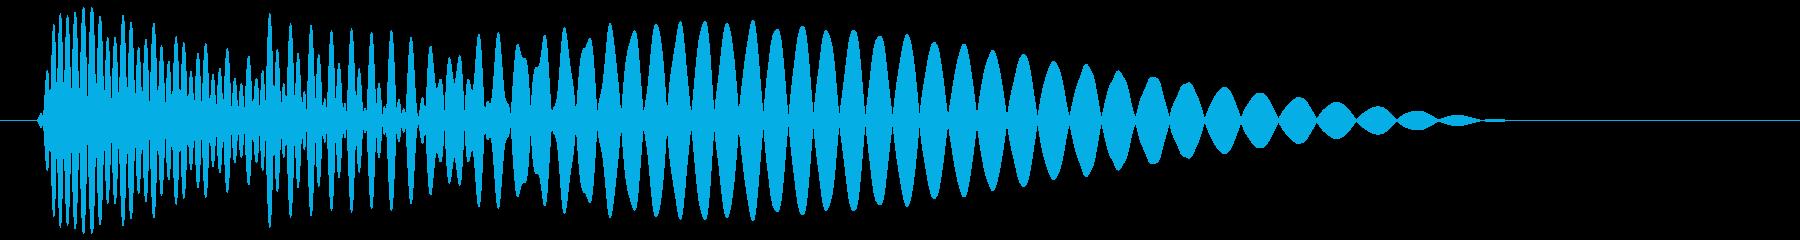 低音で振動している音の再生済みの波形